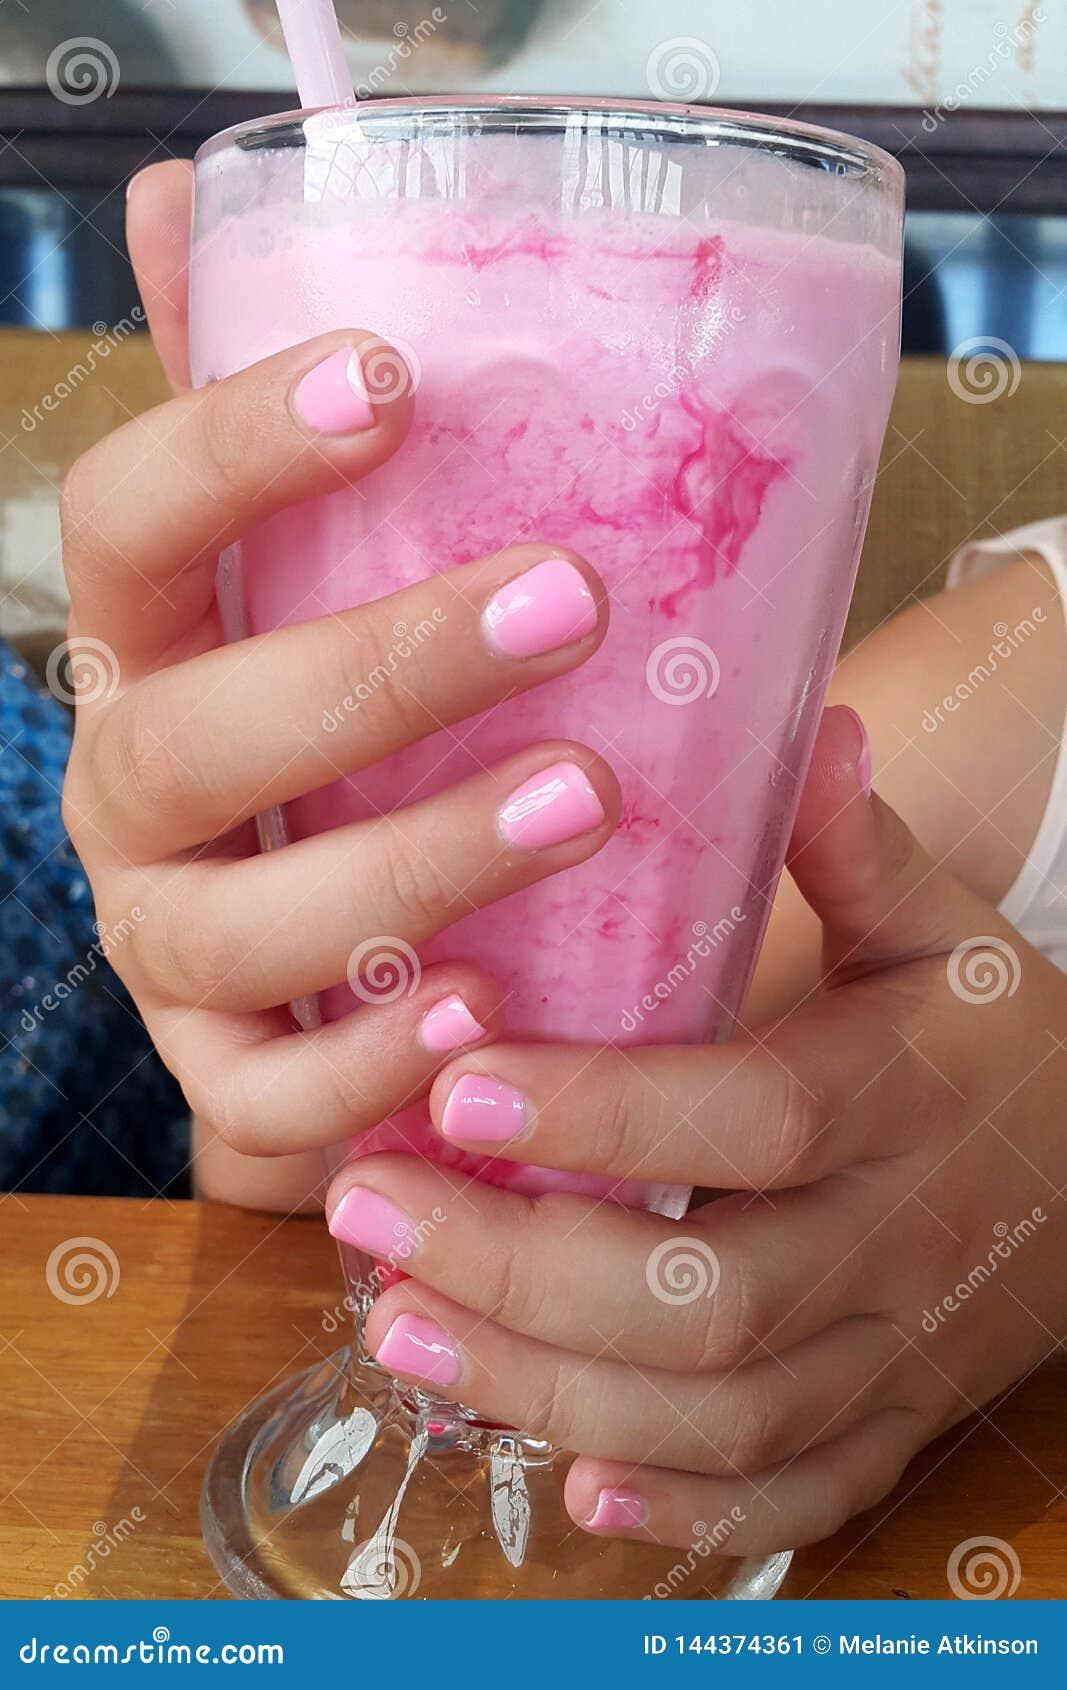 Pink nails to match the pink milkshake